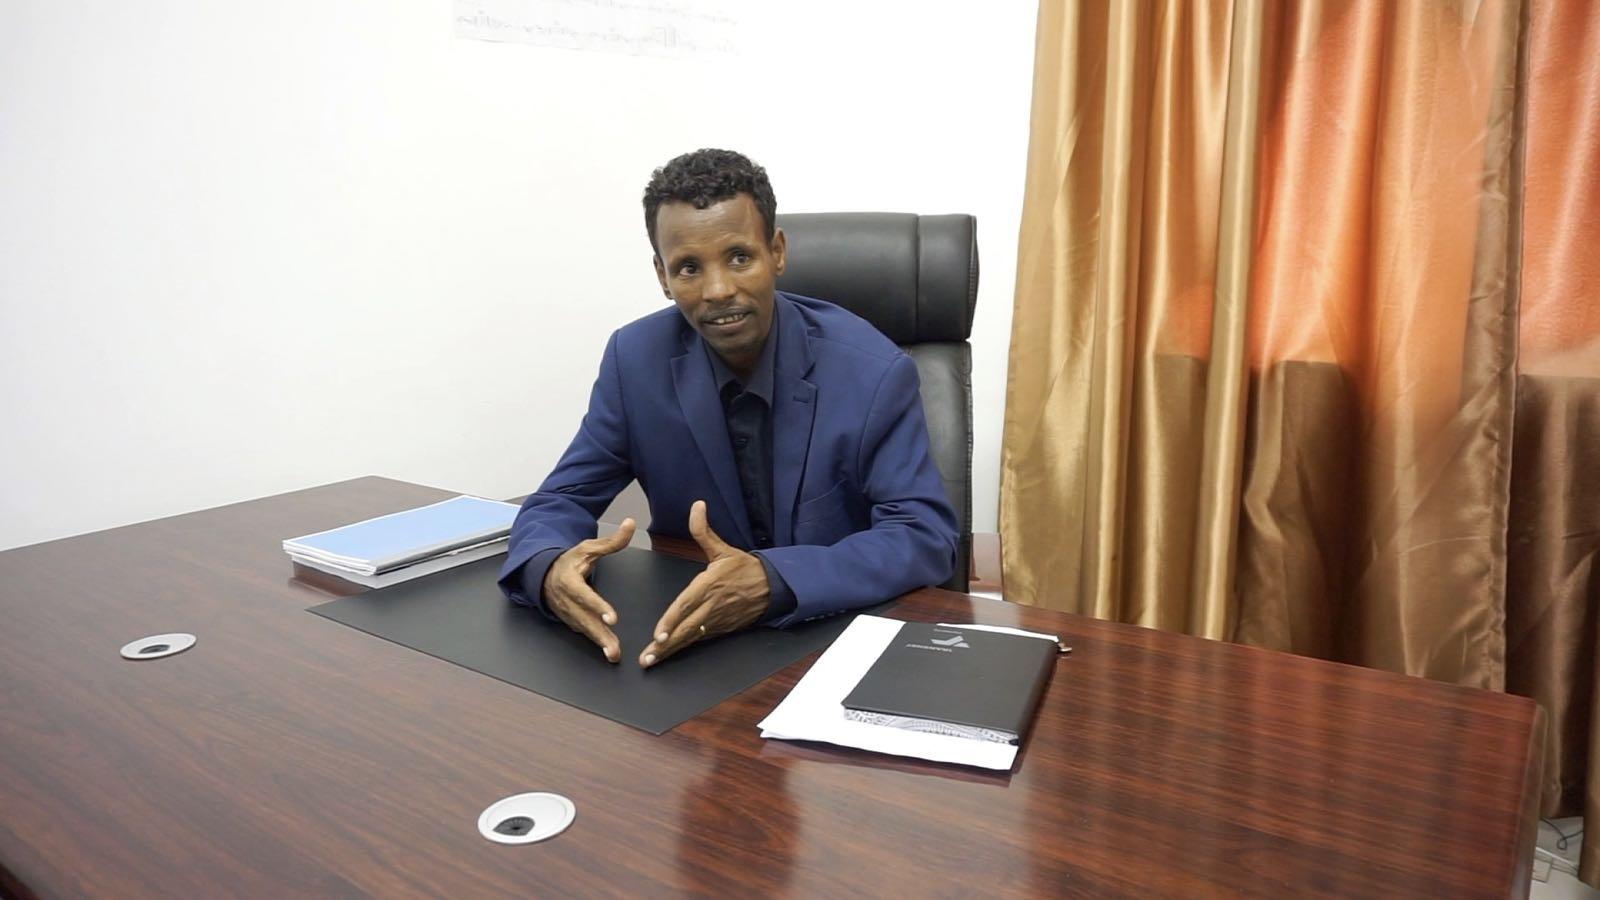 Ethiopia-Djibouti Railway brings people closer – CGTN